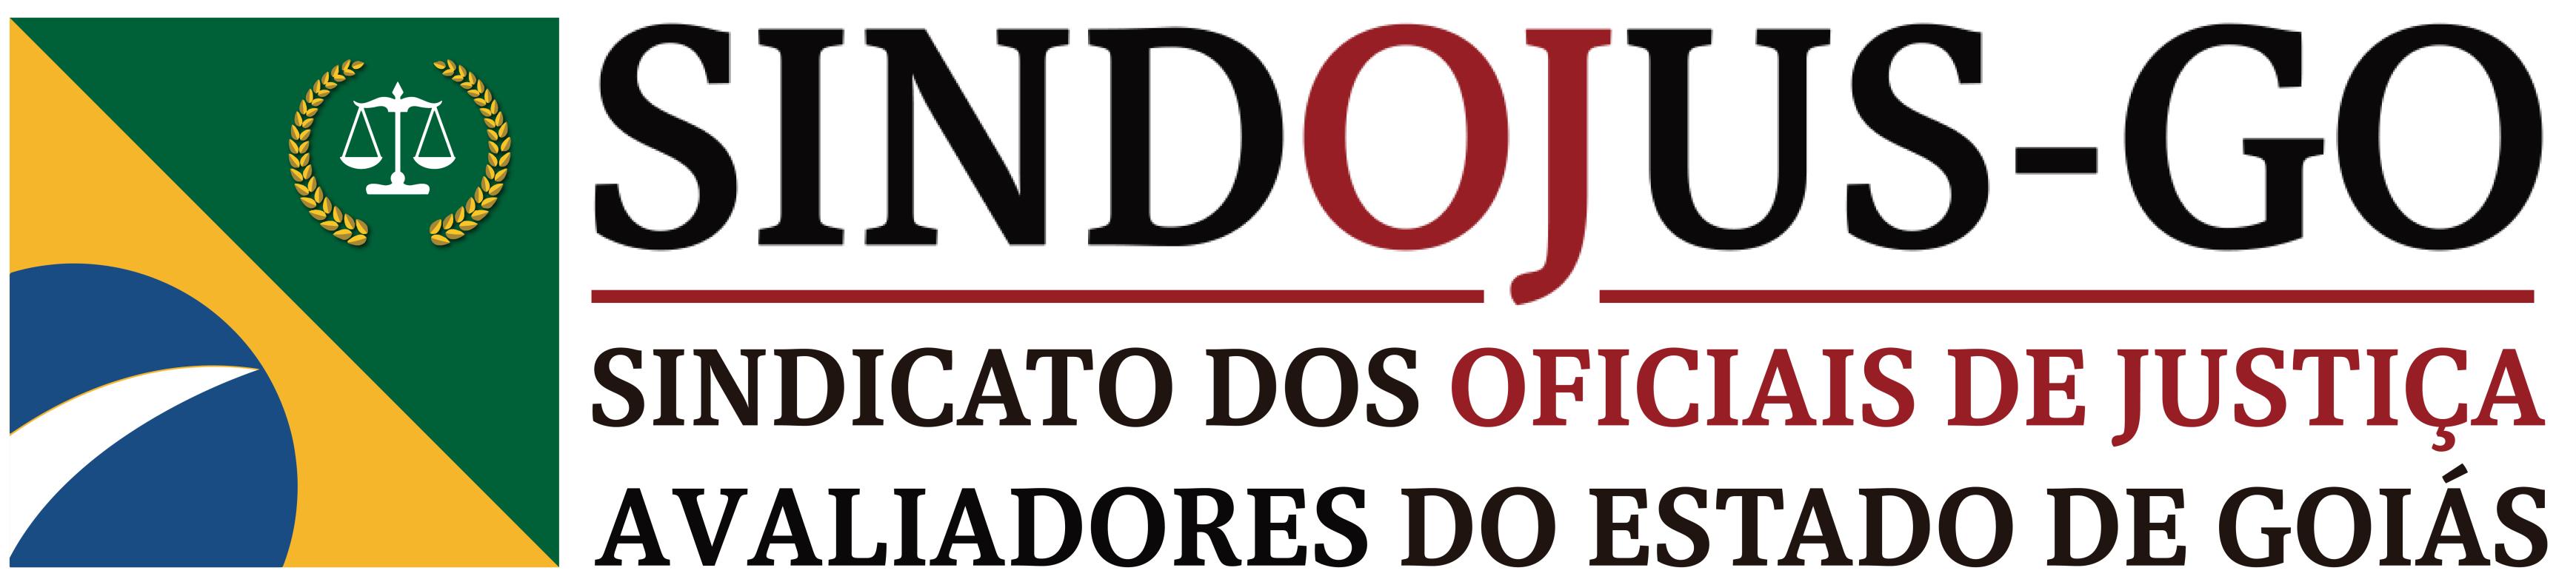 Sindicato dos Oficiais de Justiça Avaliadores de Goiás